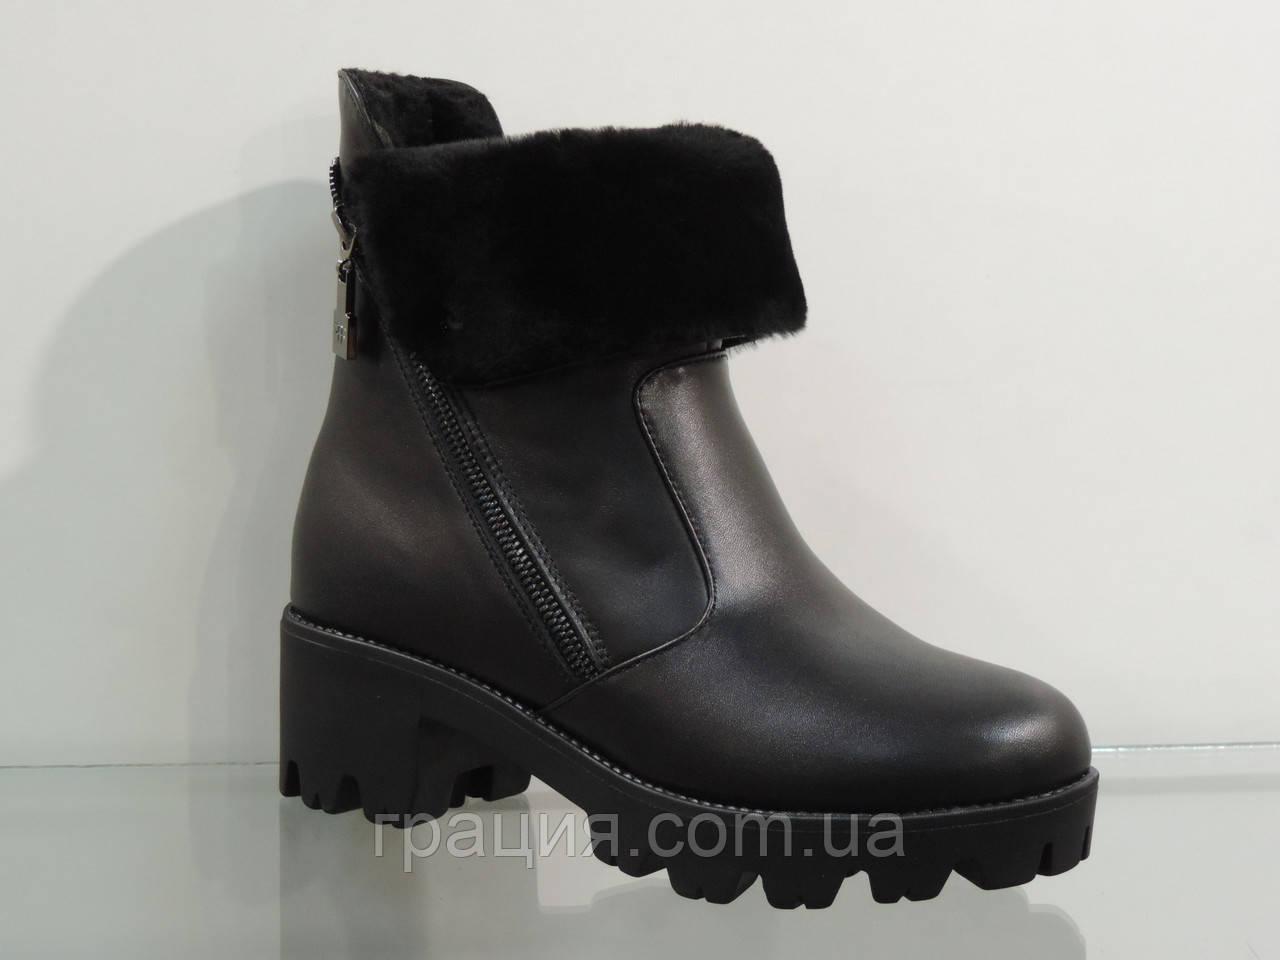 Стильные молодежные кожаные ботинки зима